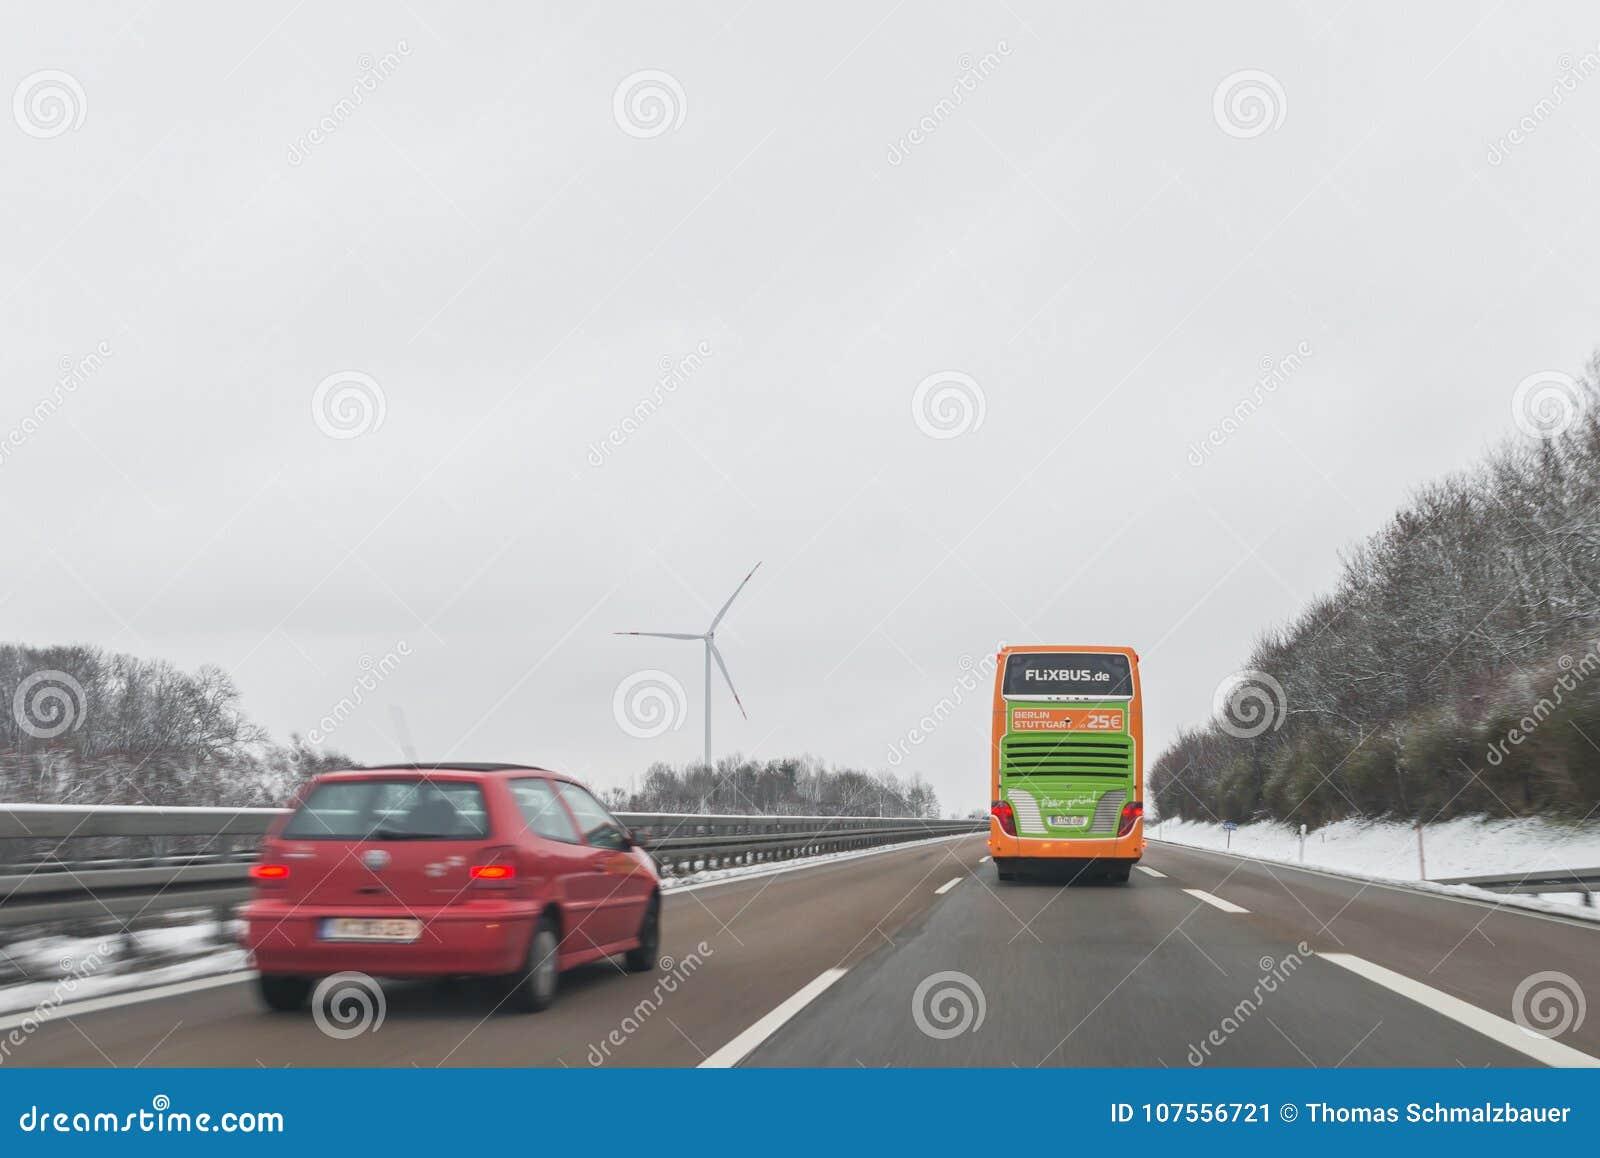 Bus und Autos Flixbus auf der Richtung des Autobahn A6 zu NÃ-¼ rnberg, Mikrobe